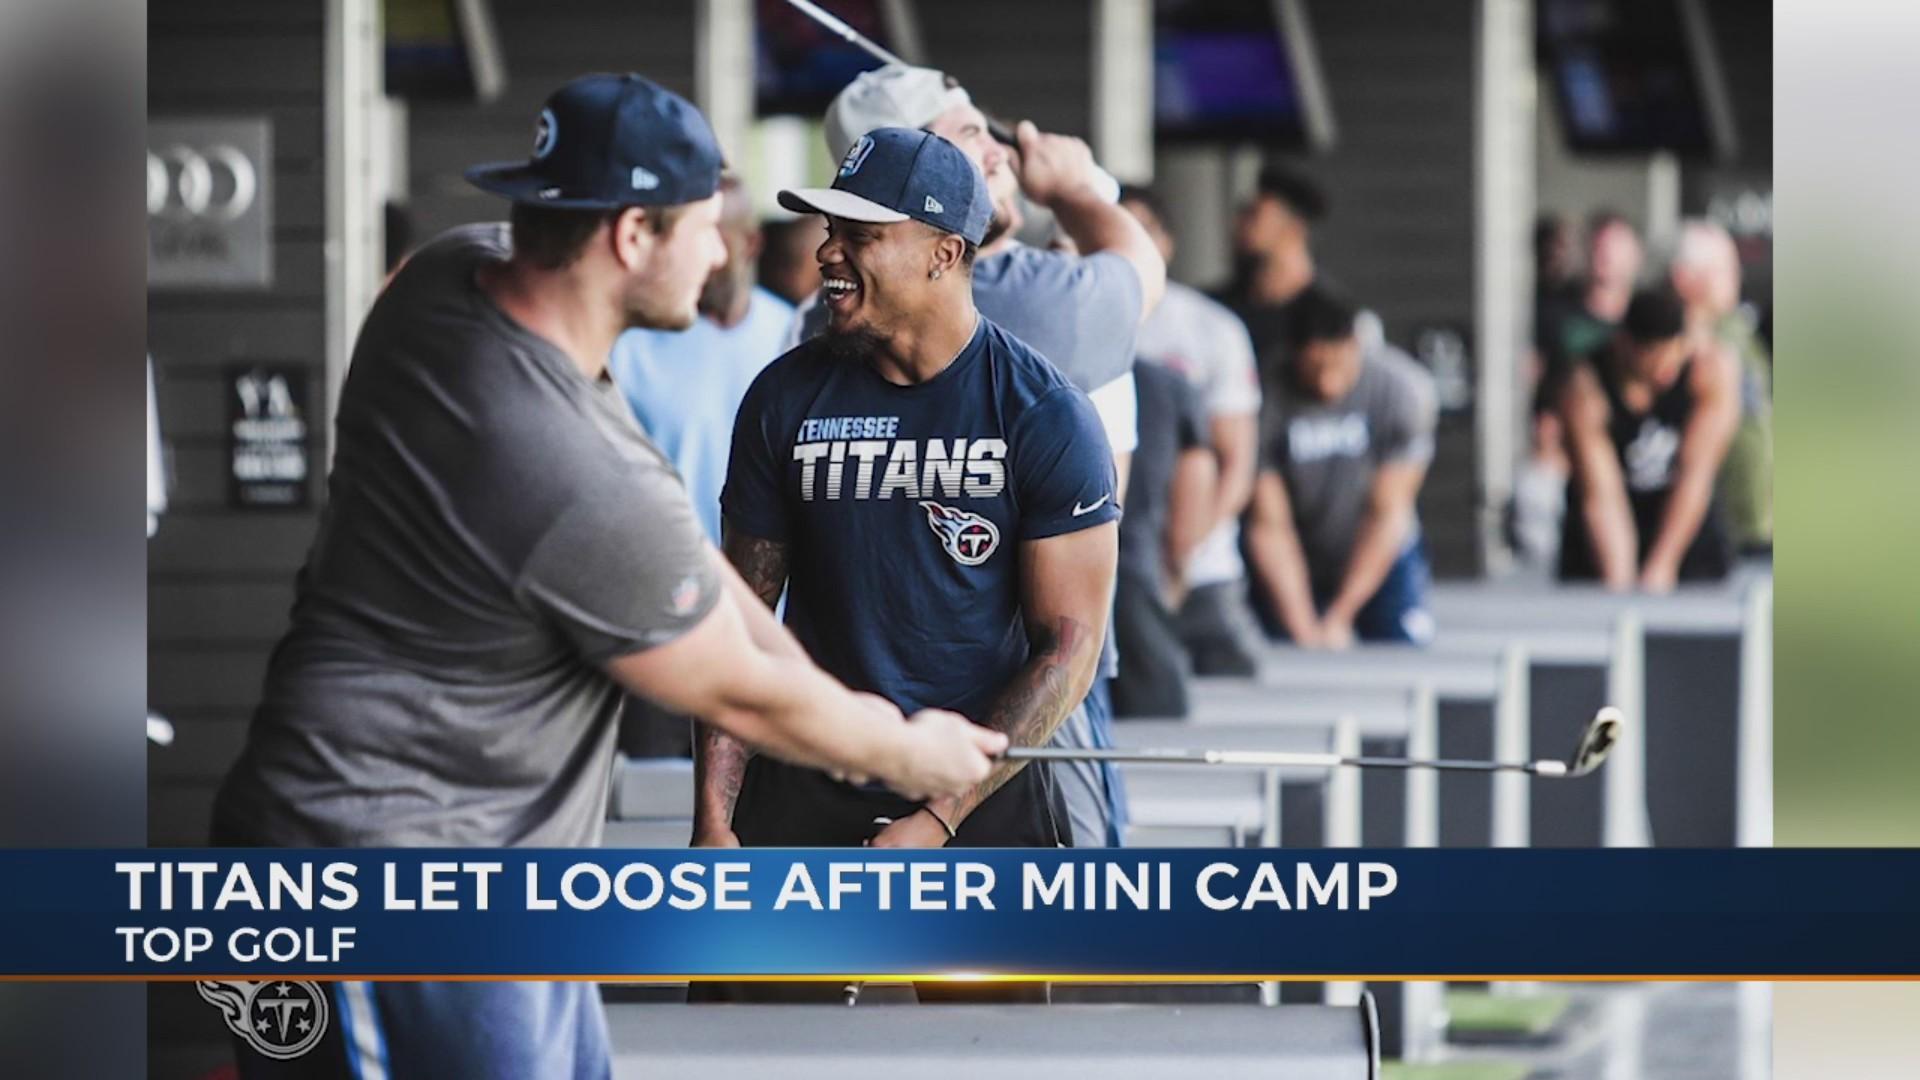 Titans scrap final minicamp session for escape to Topgolf